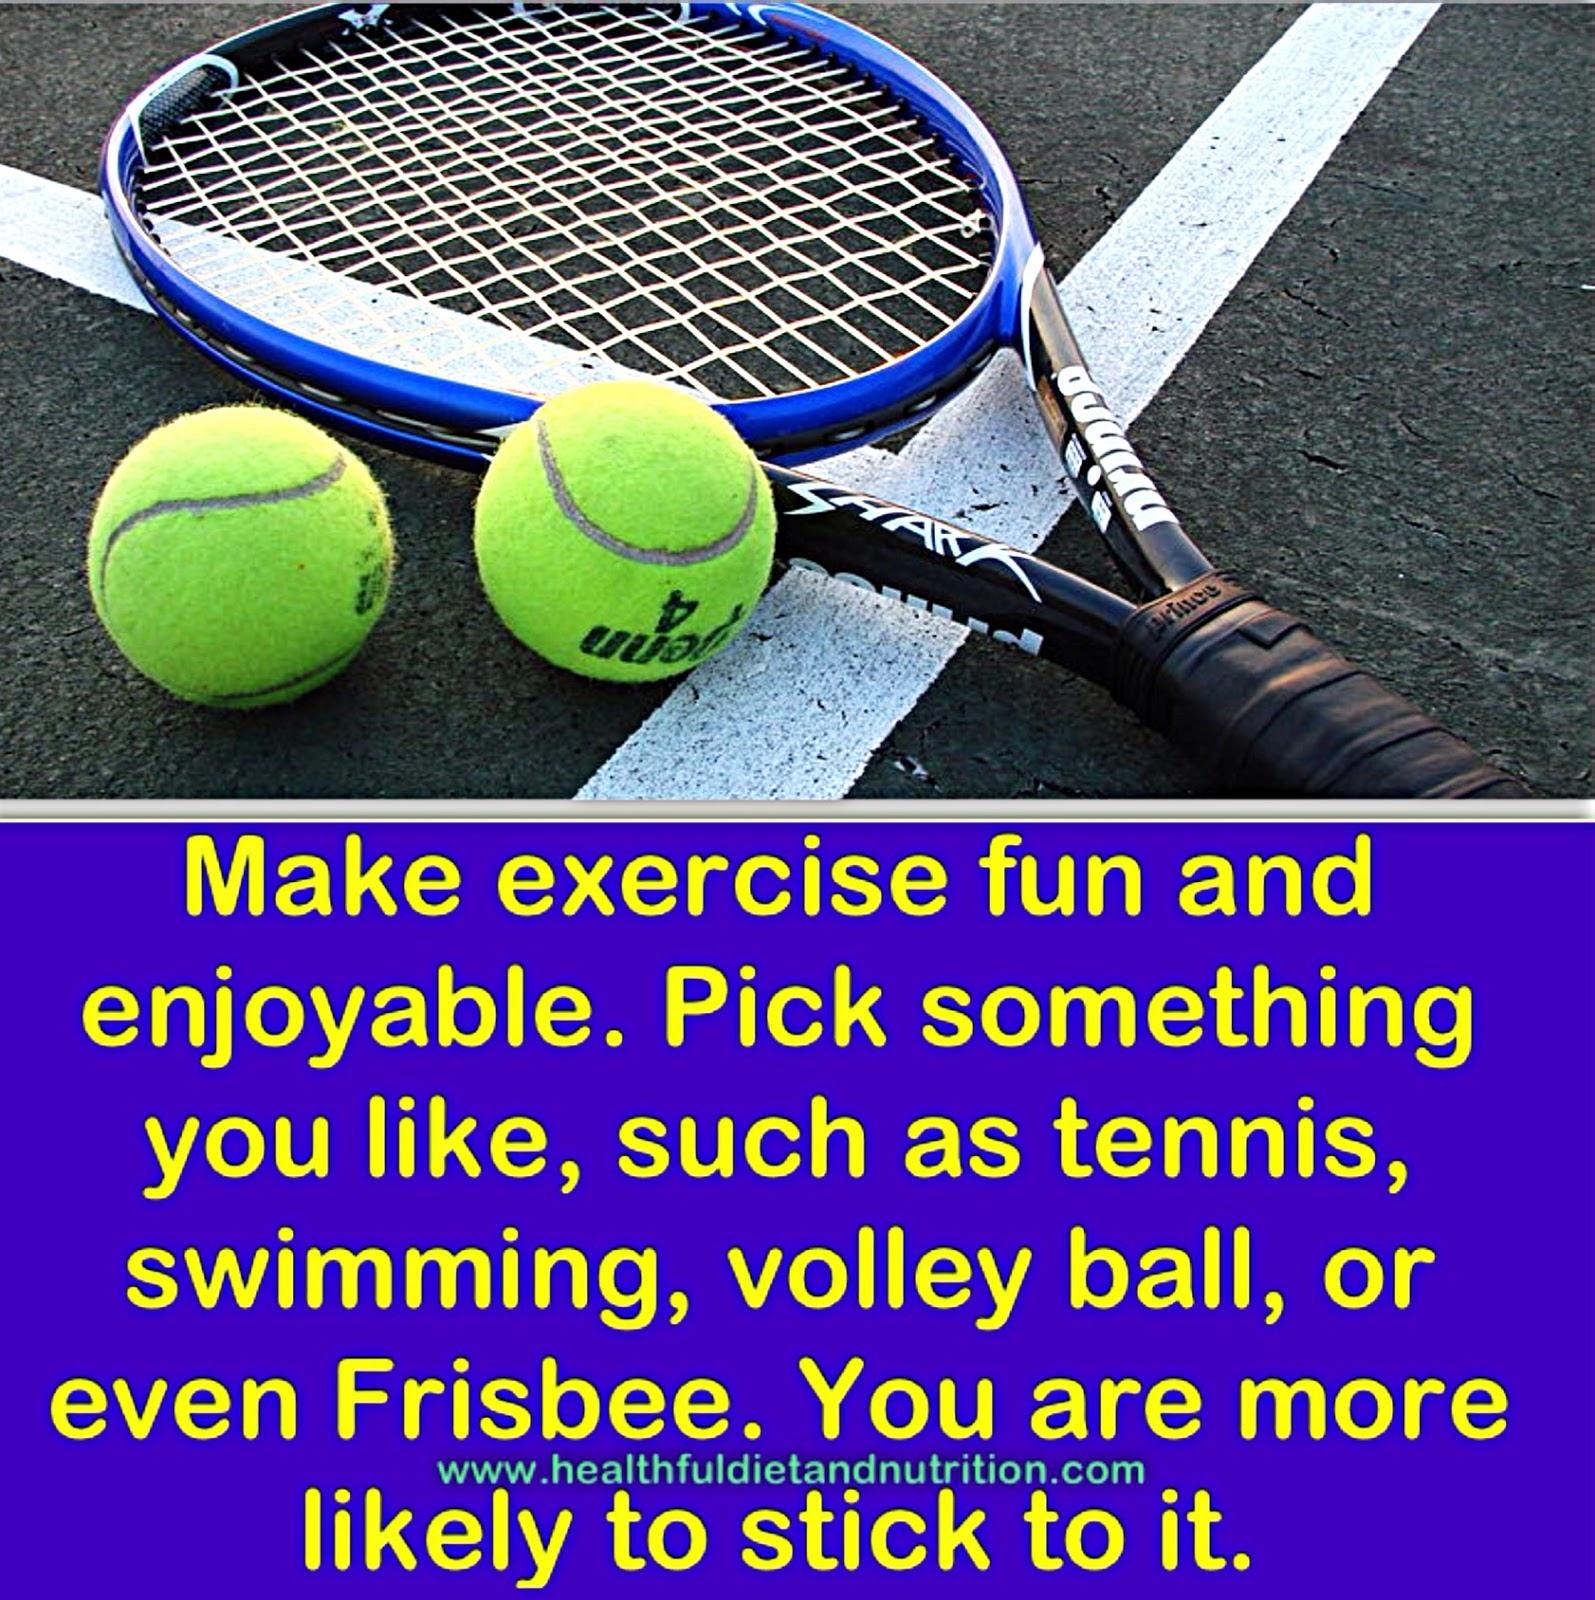 Make Exercise Fun And Enjoyable